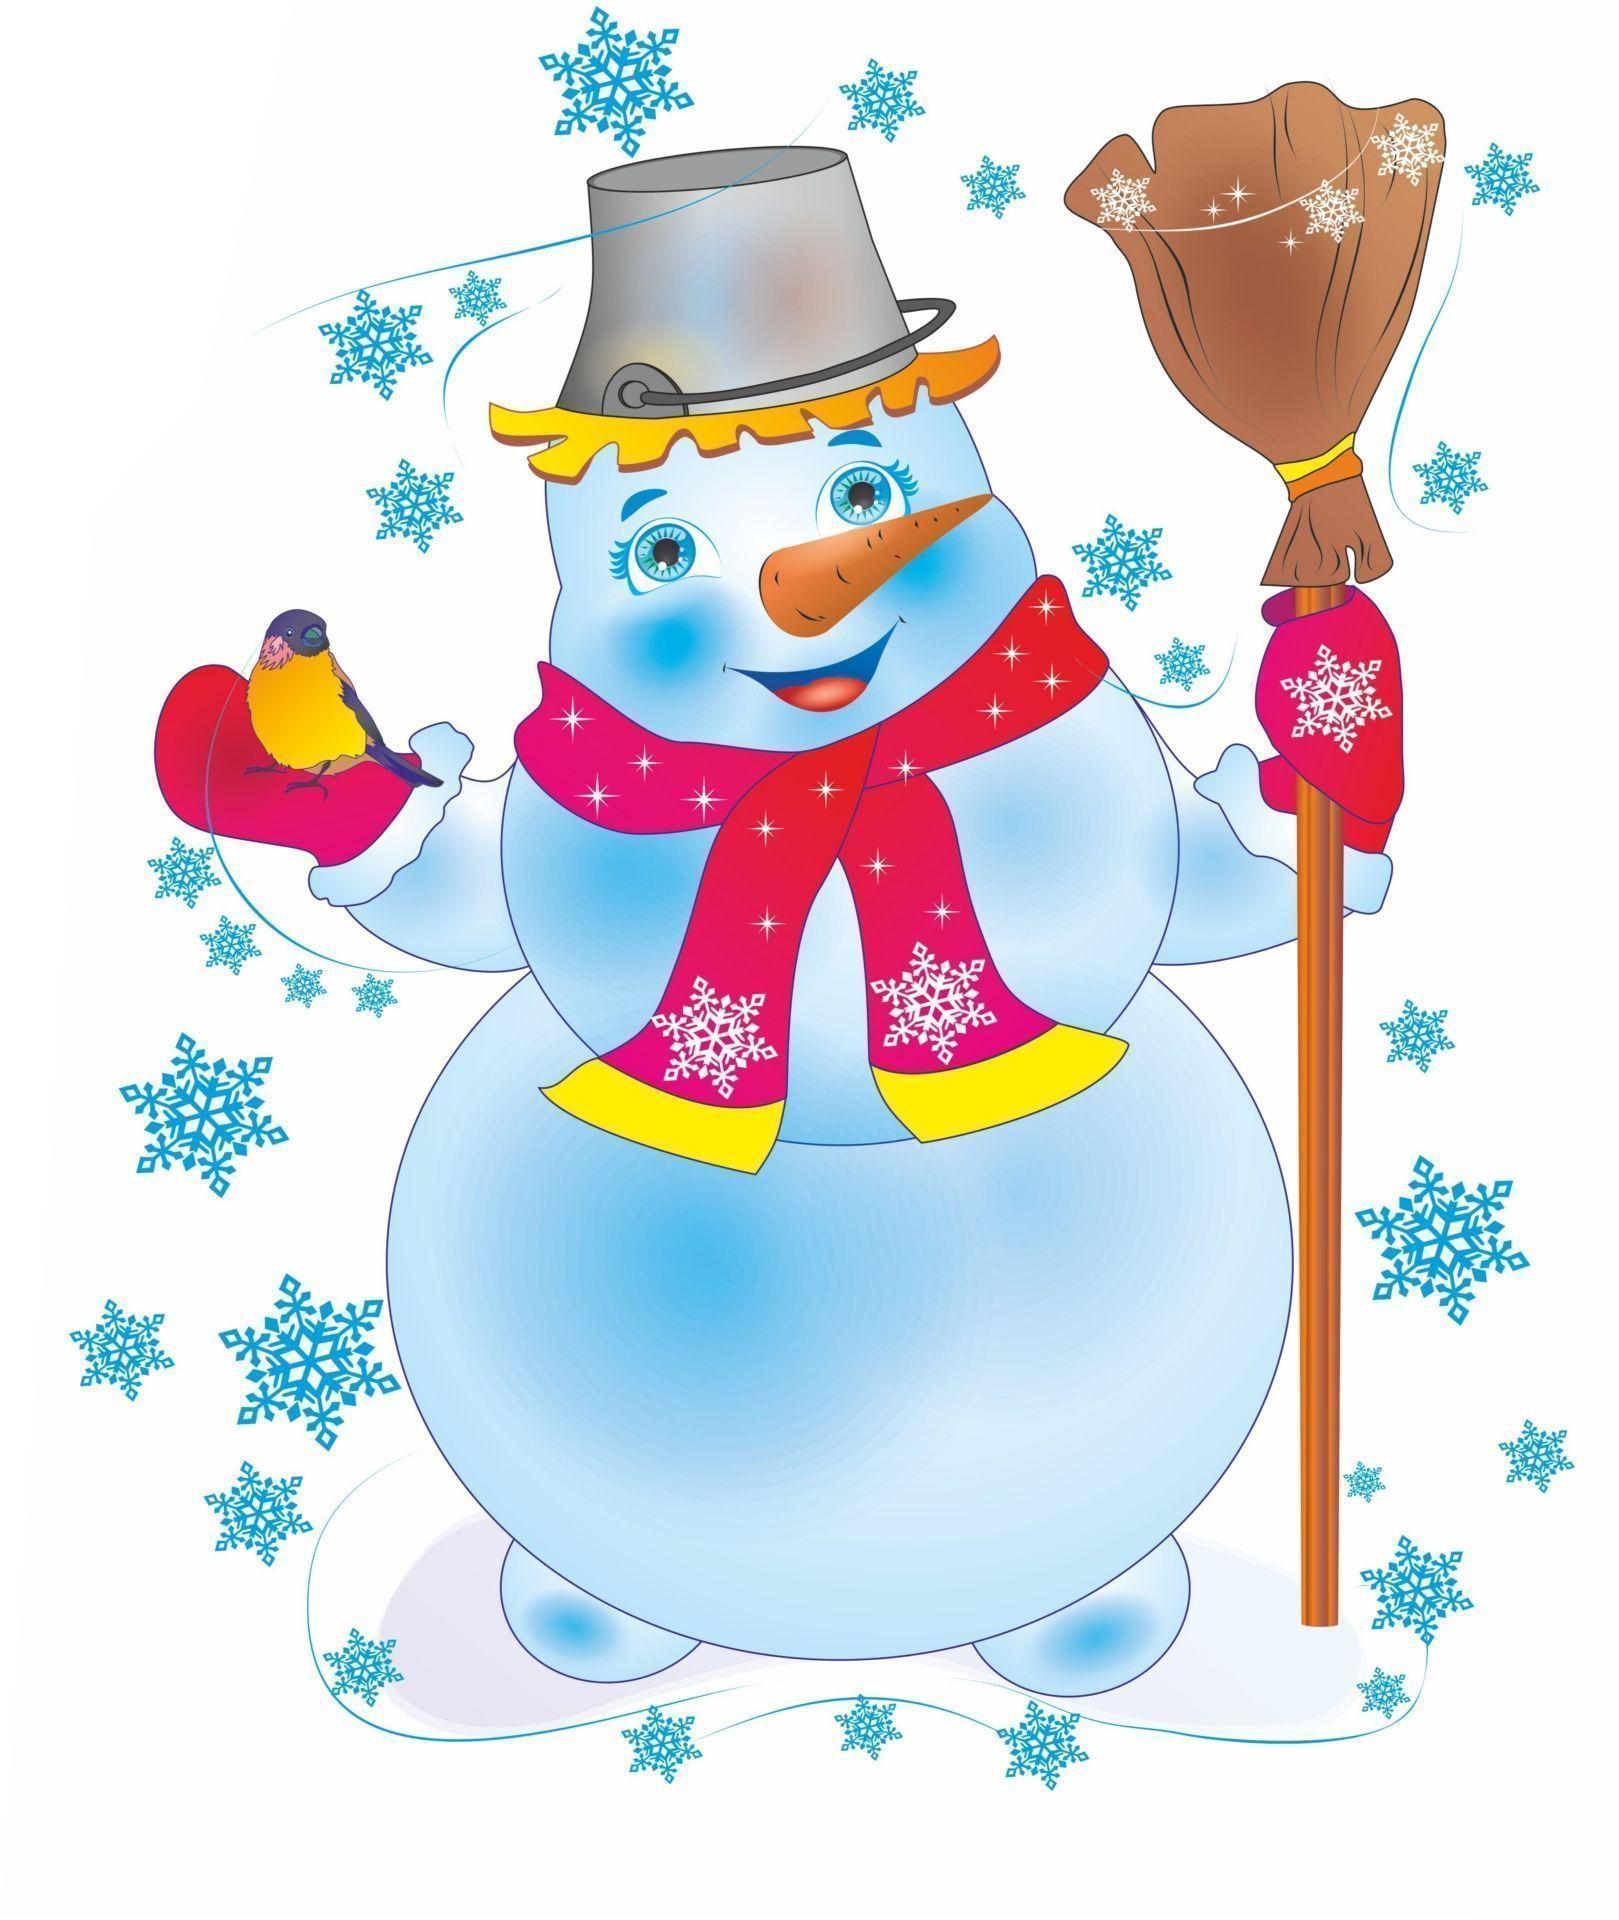 Плакат вырубной СнеговикТовары для оформления и проведения праздника<br>.<br><br>Год: 2017<br>Серия: Вырубные фигуры для оформления<br>Высота: 385<br>Ширина: 326<br>Переплёт: набор